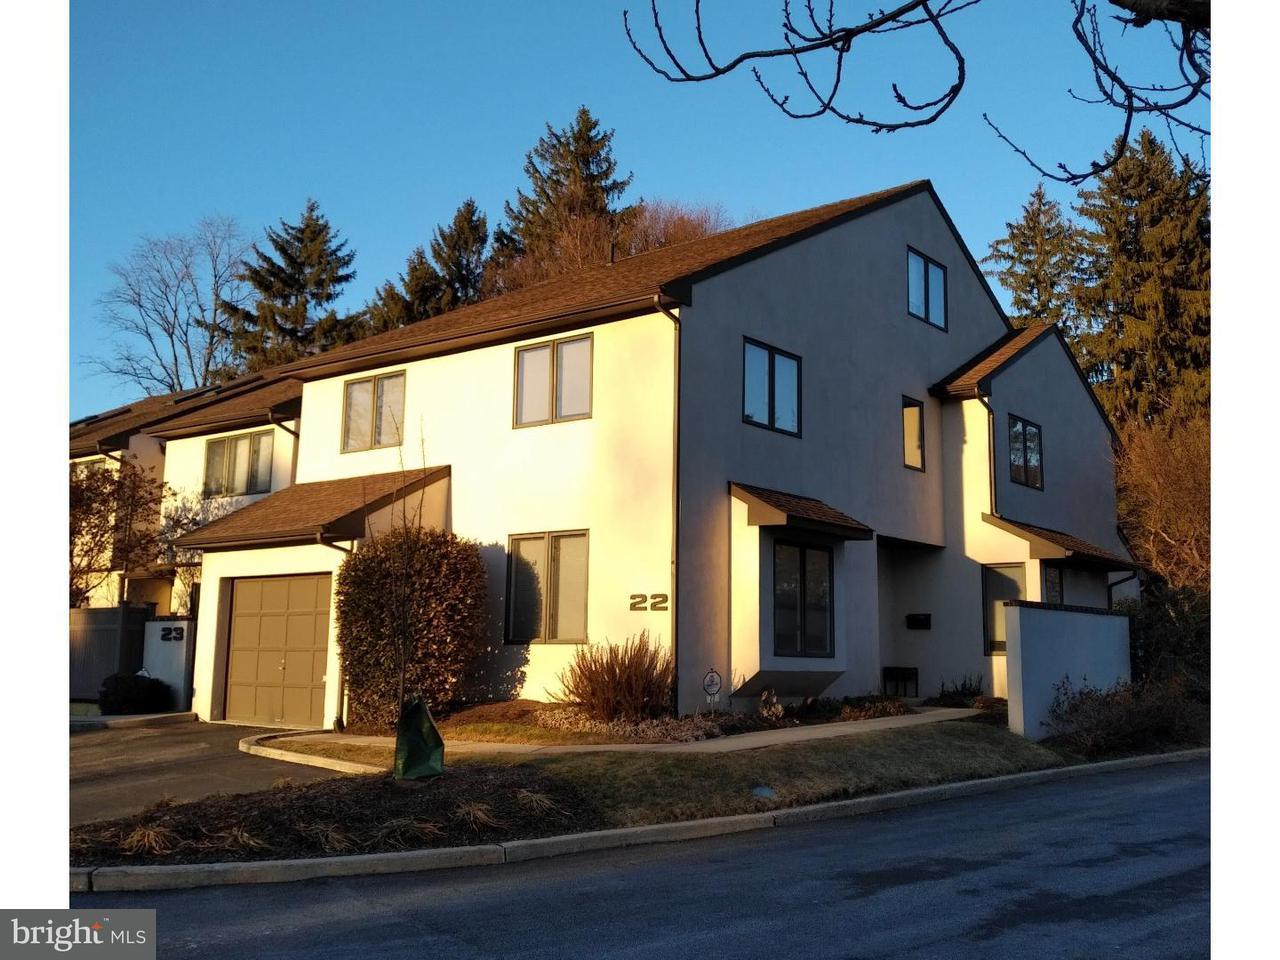 联栋屋 为 出租 在 138 MONTROSE AVE #22 布林莫尔, 宾夕法尼亚州 19010 美国